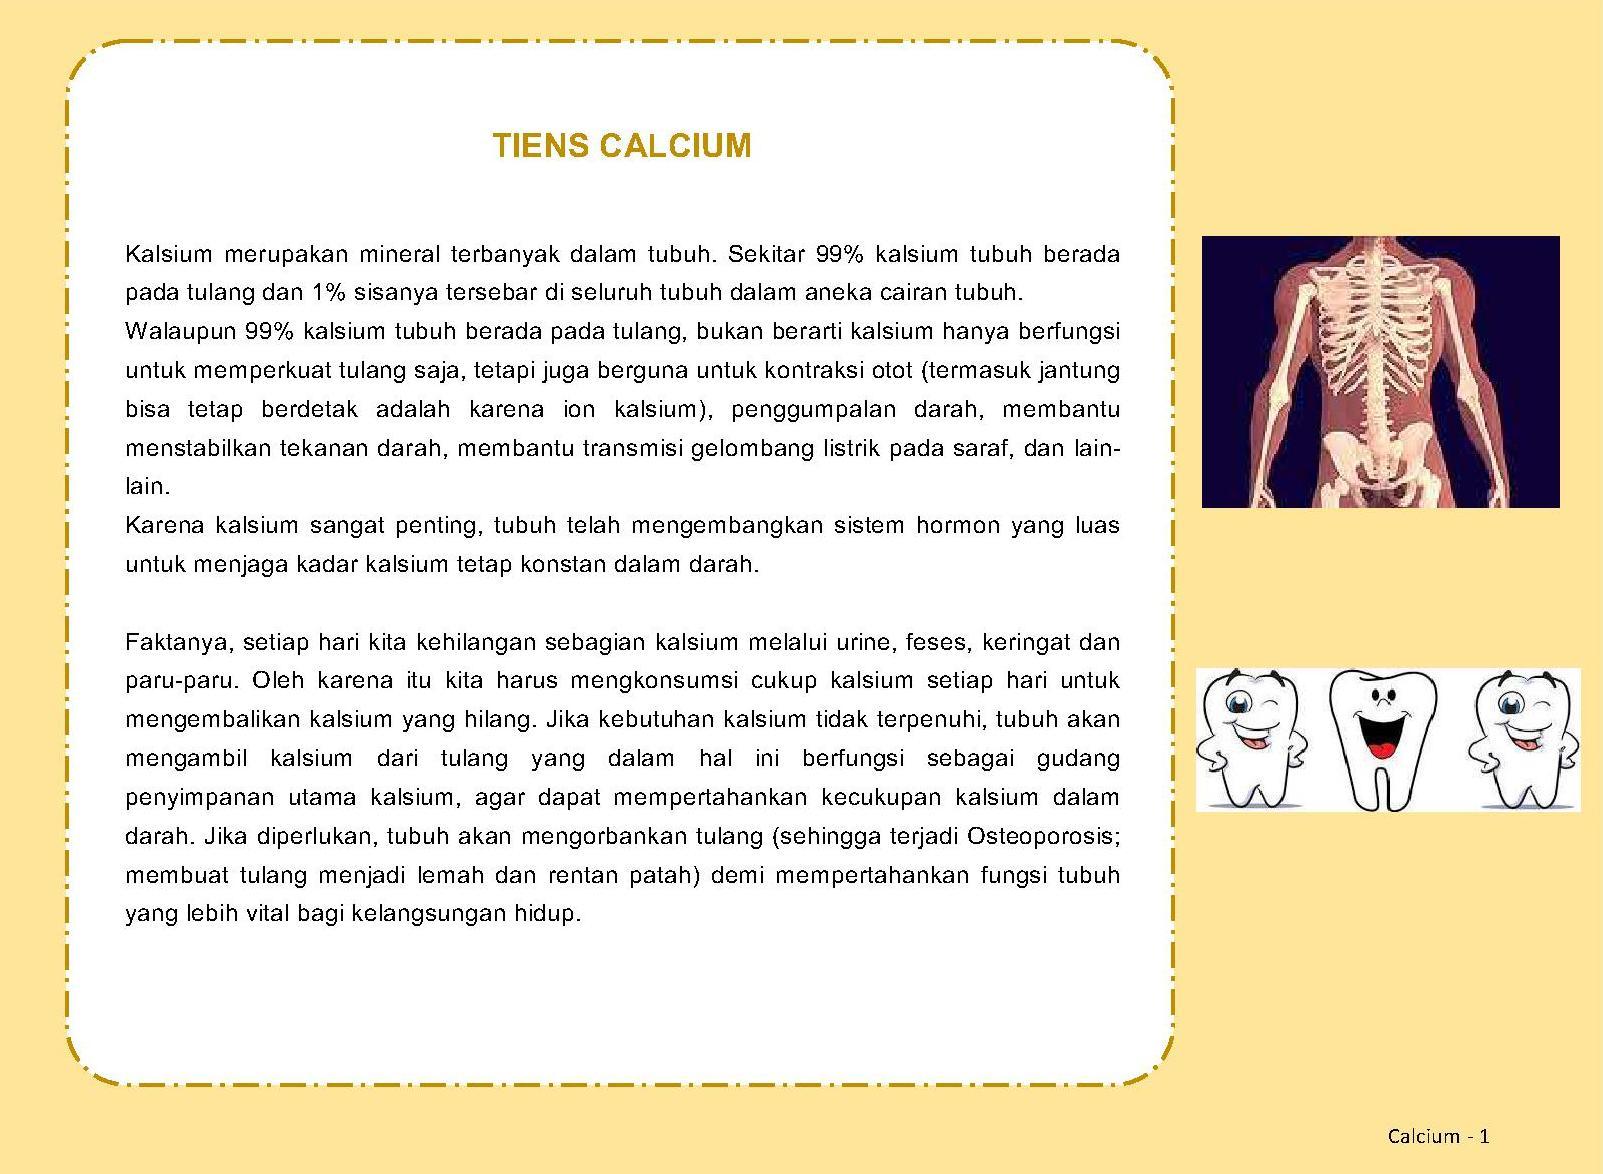 Tiens Calcium Zinc Peninggi Badan Herbal Organik Paket Original 2box Kalsium 1botol Untuk Pertambahan Tinggi Maka Diperlukan Pemadatan Penambahan Ruas Tulang Dari Leher Sampai Kaki Menggunakan Yang Penyerapannya Cepat